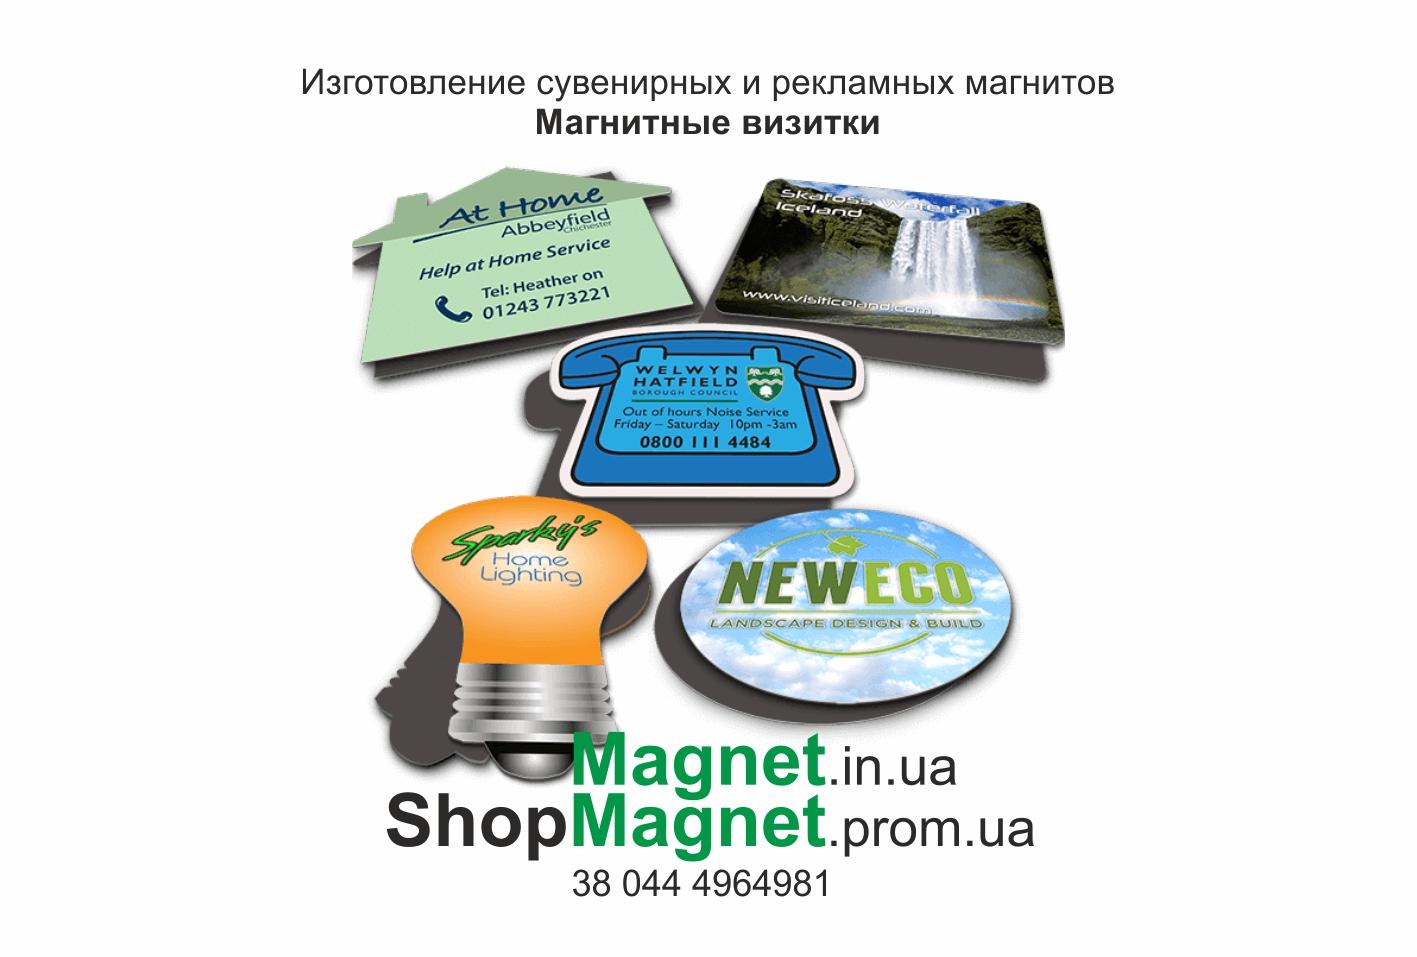 Изготовление магнитов из винила, Виготовлення магнітів з вінілу